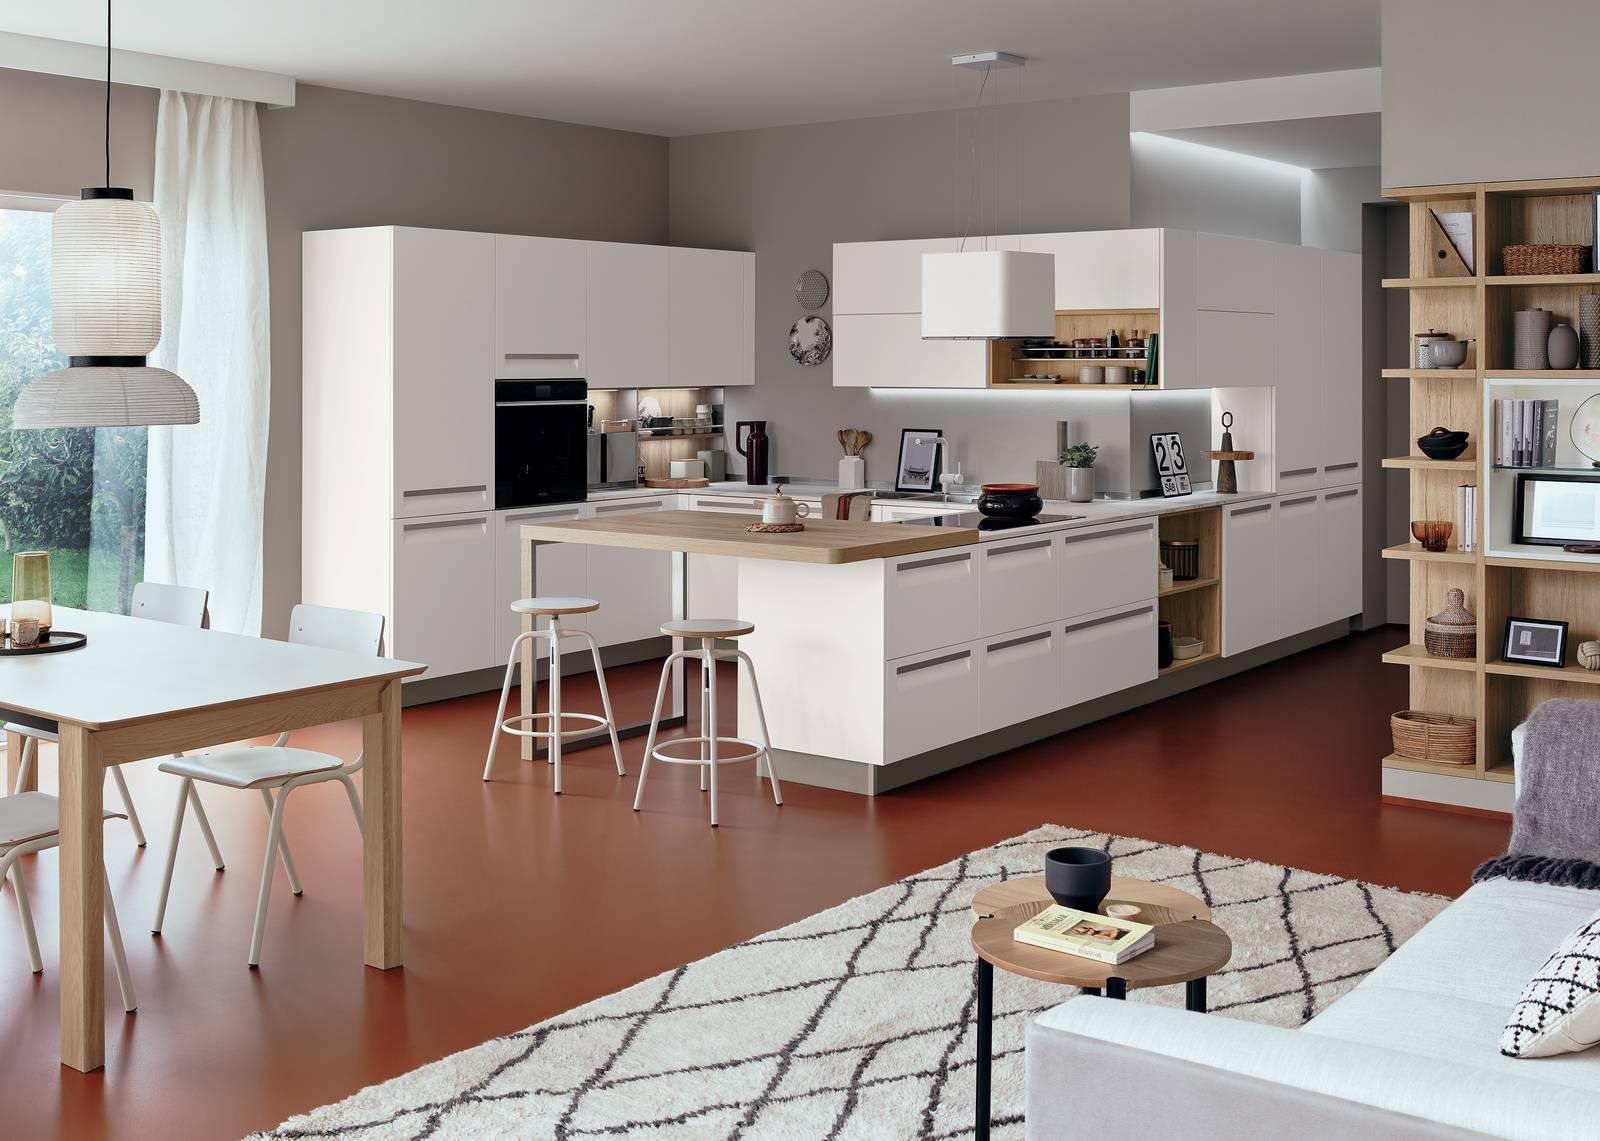 Cucine Open Space Moderne progettare la cucina: angoli ben risolti nell'open space